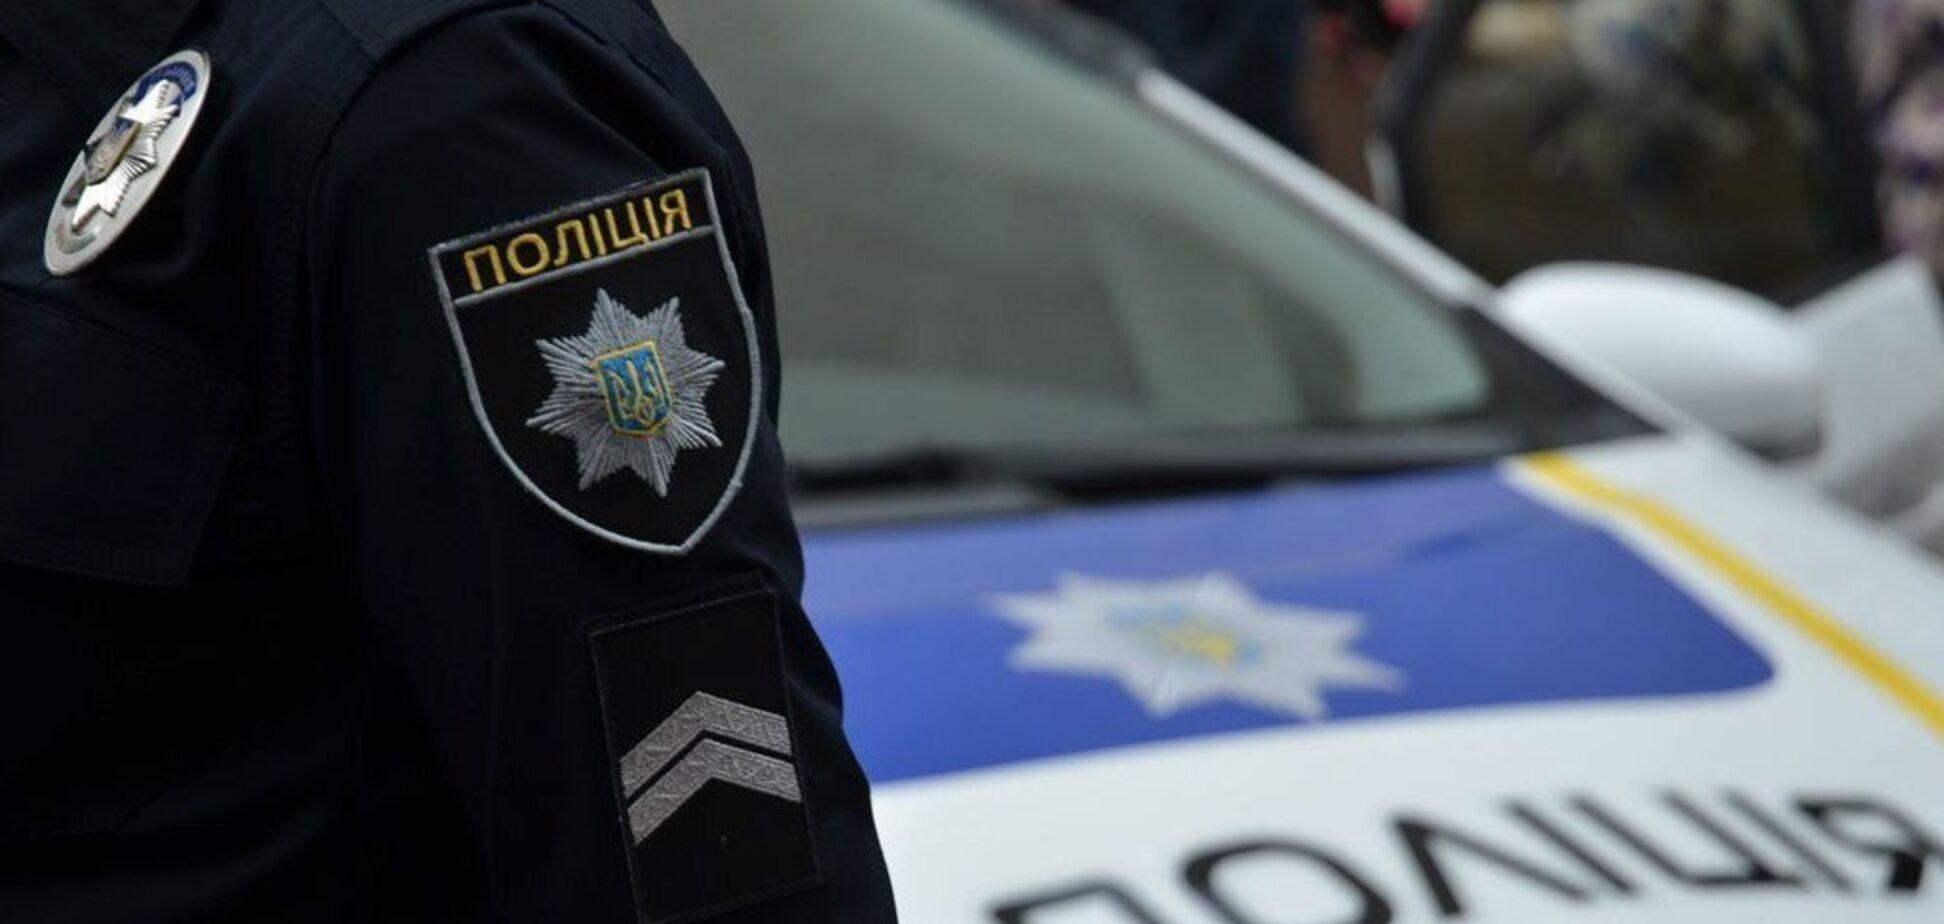 Поліцейські хотіли скласти адмінпротокол на жінок за порушення карантинних заходів